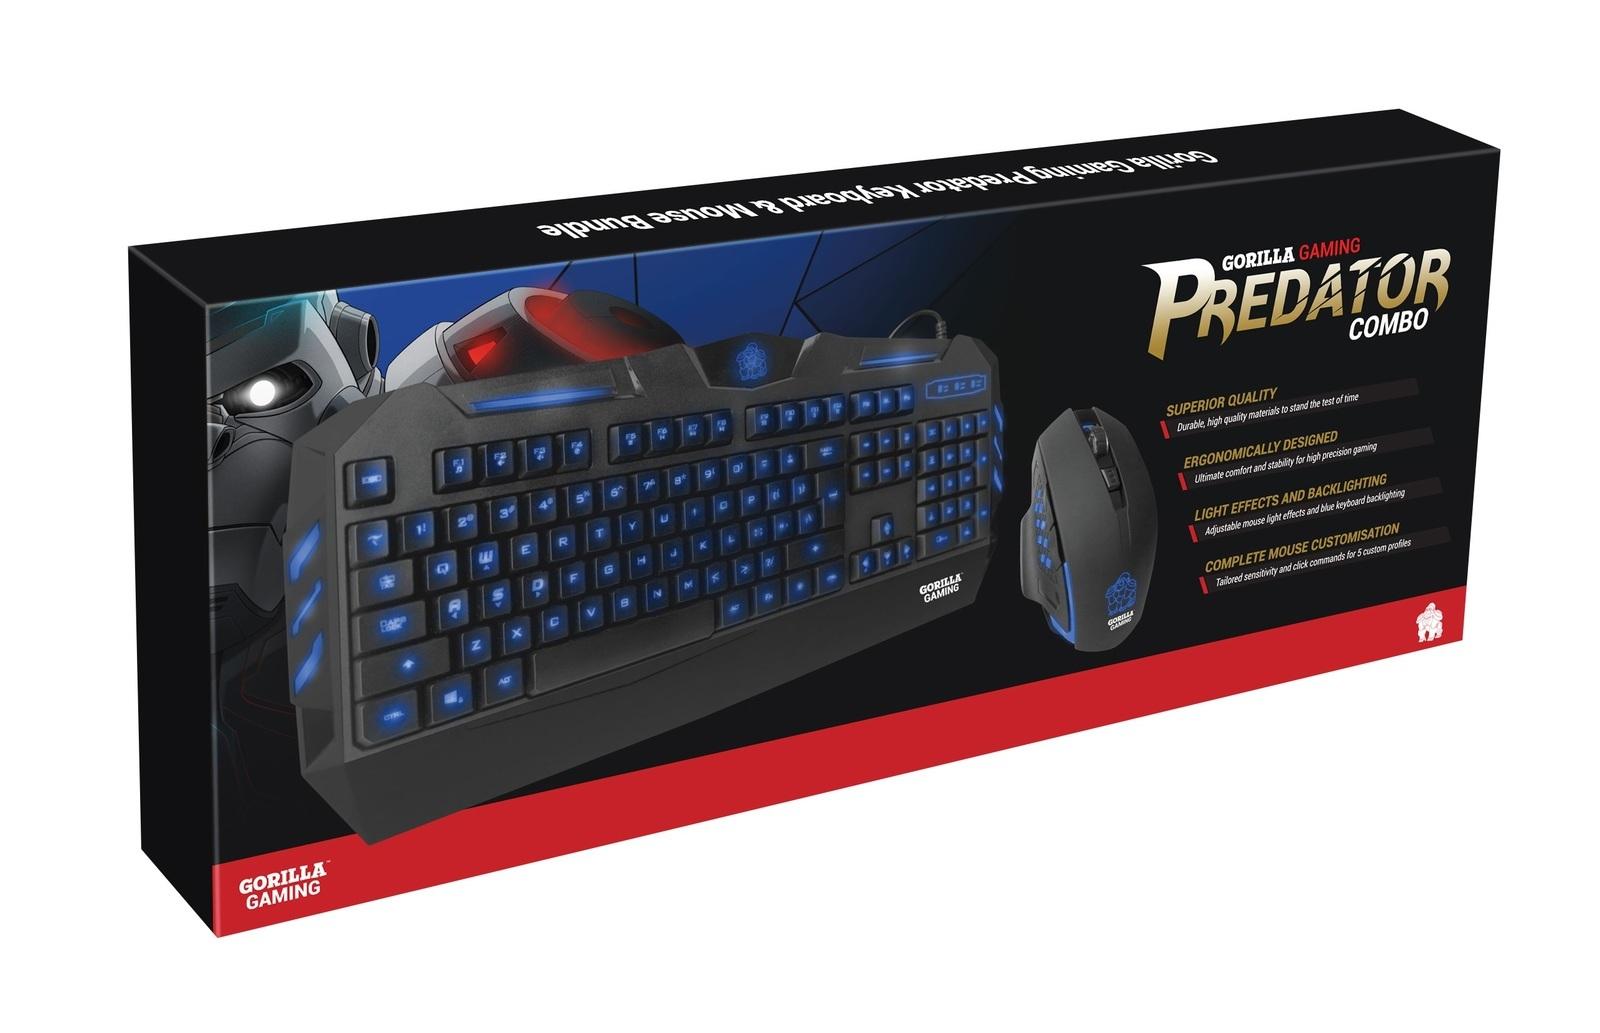 Gorilla Gaming Predator Keyboard & Mouse (Blue) image